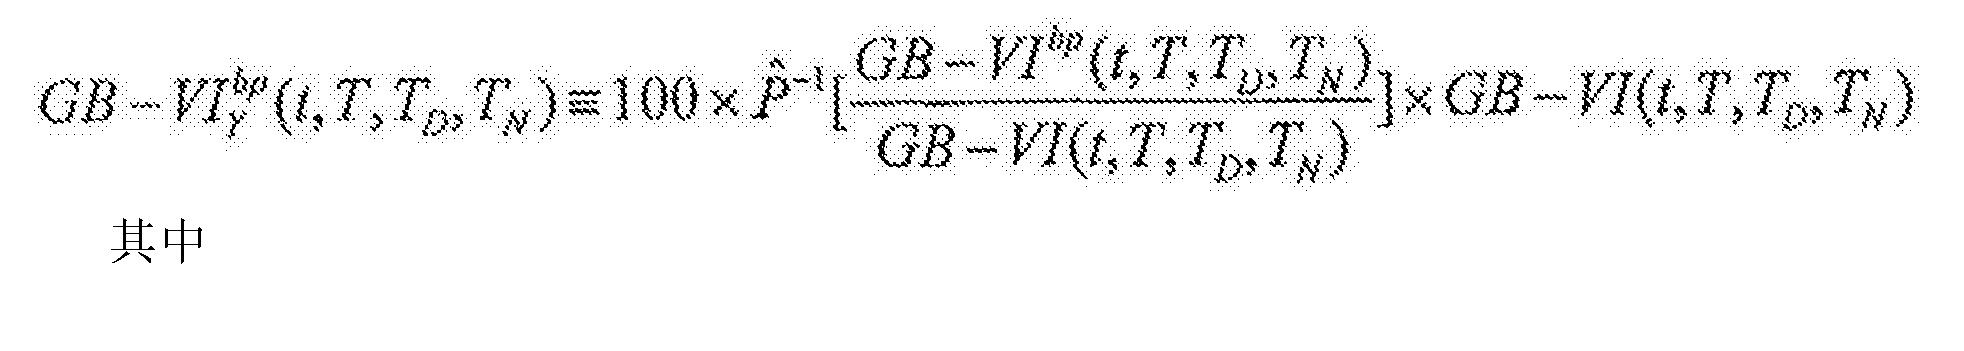 Figure CN105339973AC00033